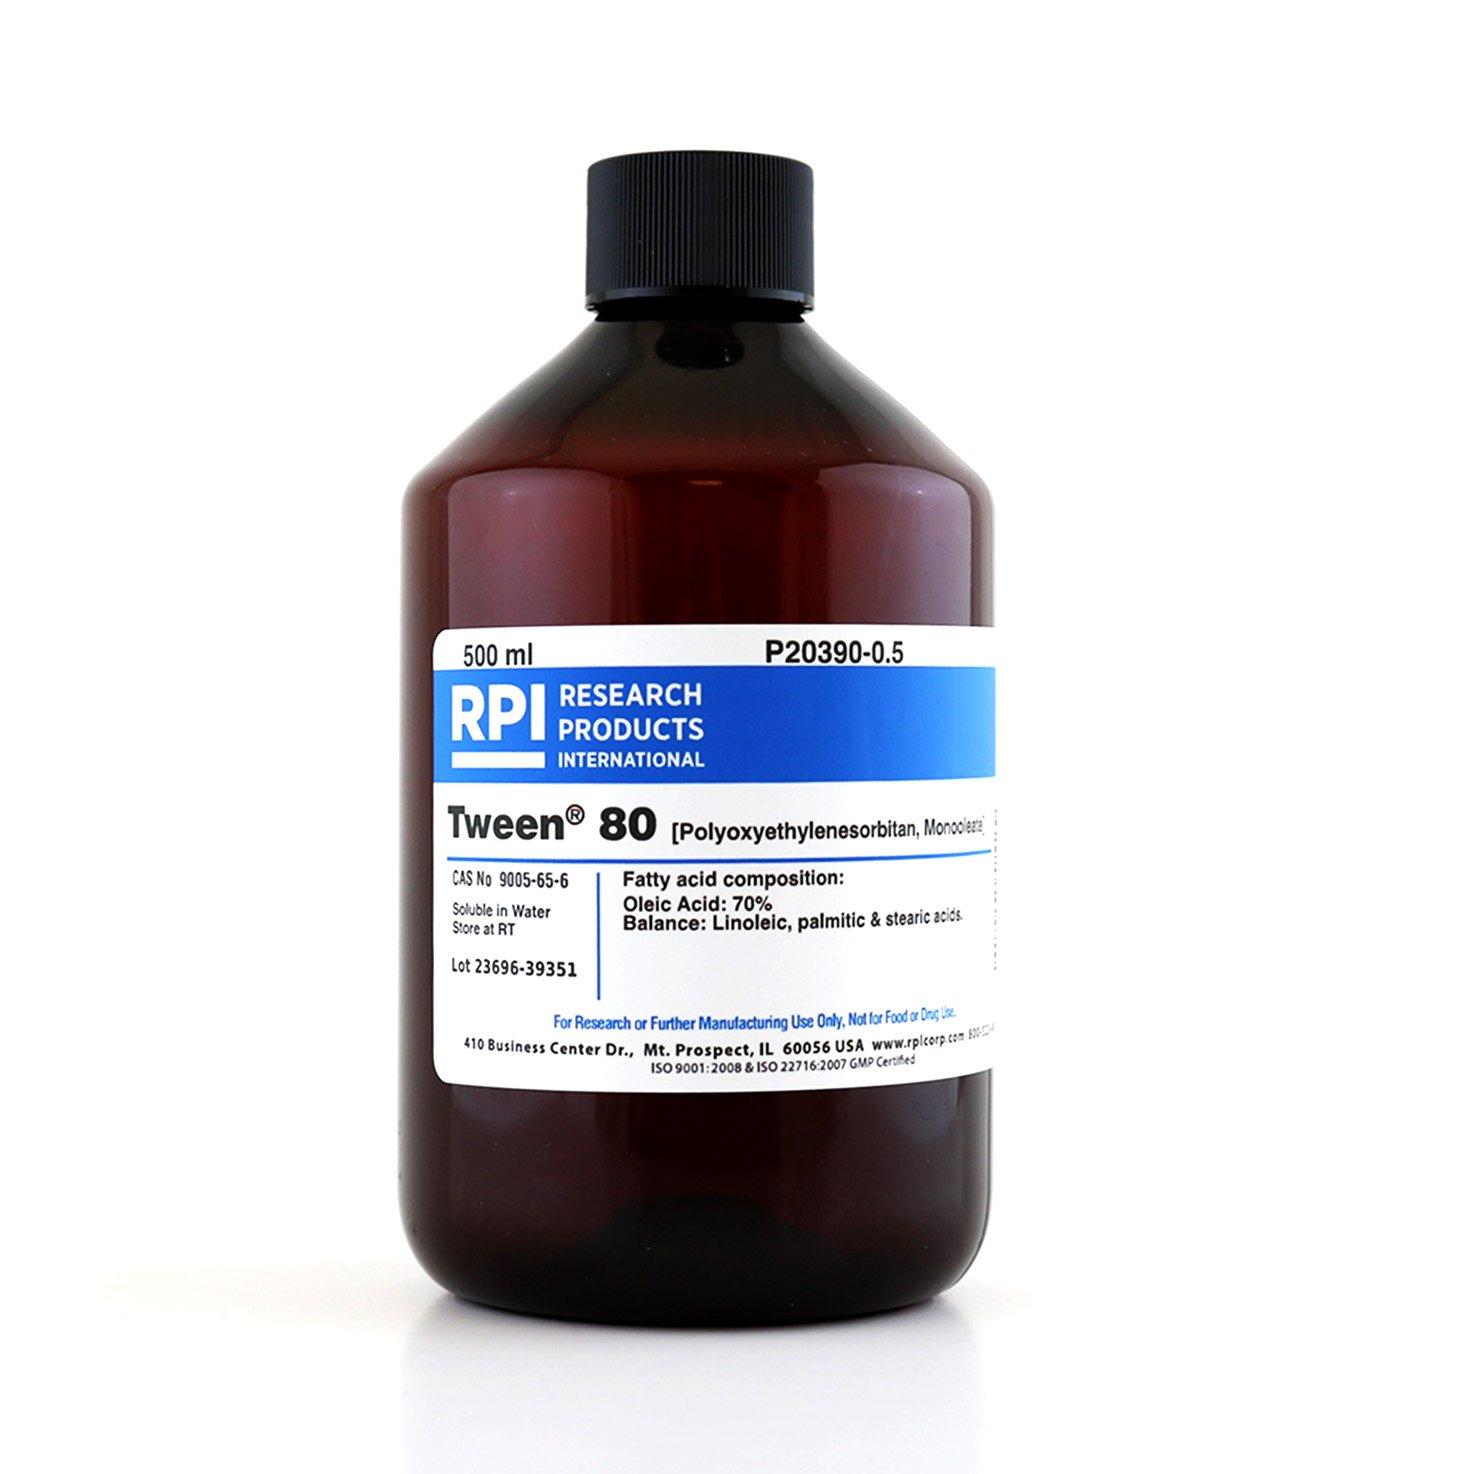 Tween 80 (Polyoxyethylenesorbitan, Monooleate), 500 Milliliters